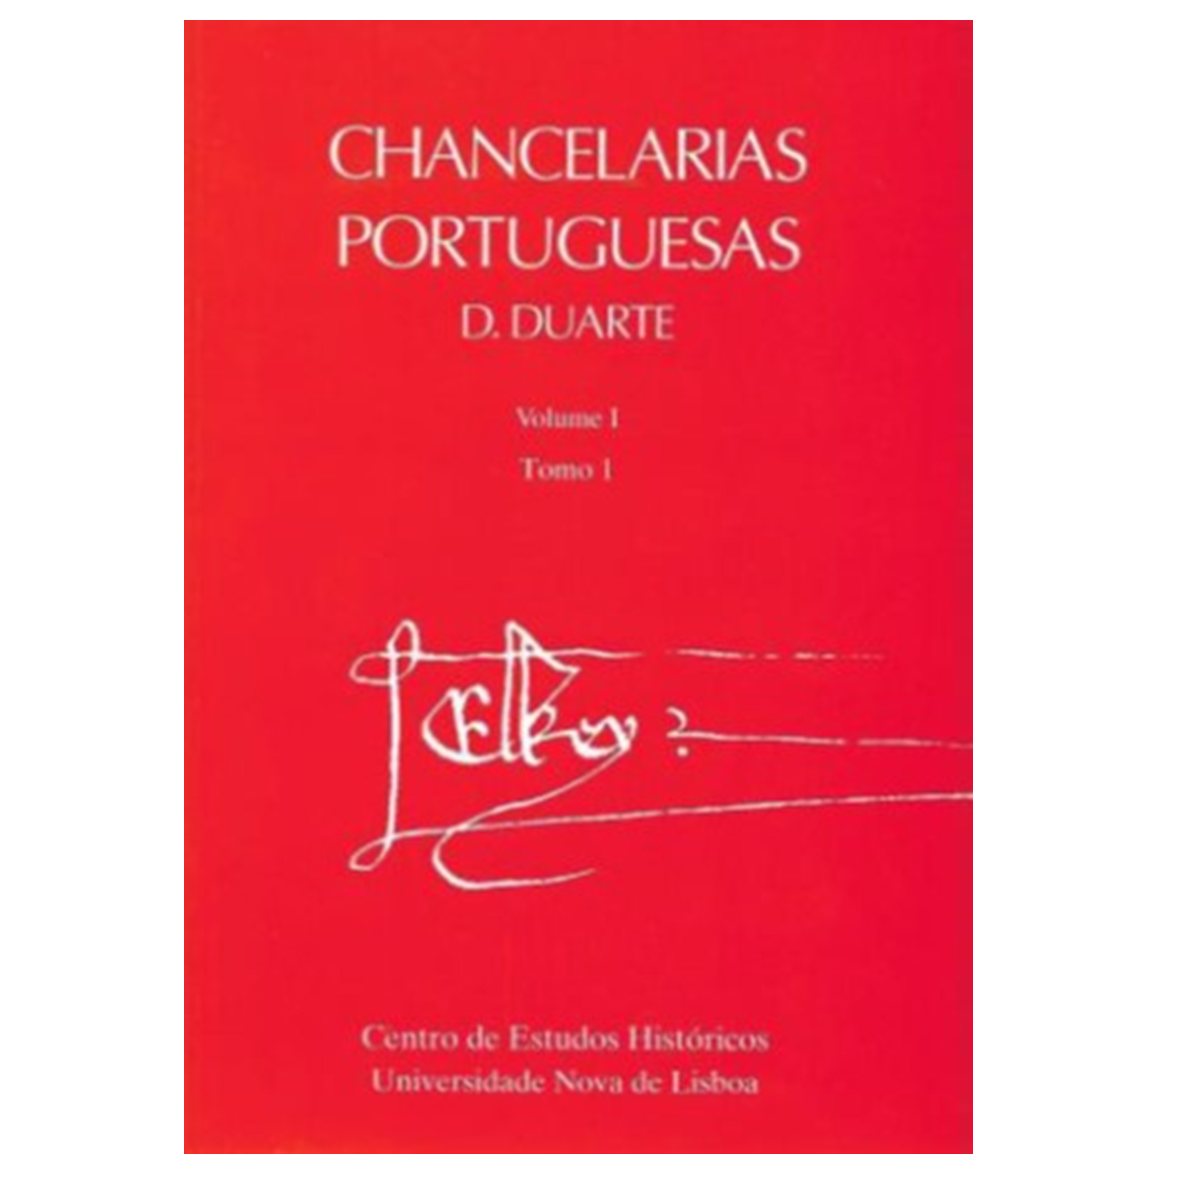 CHANCELARIAS PORTUGUESAS. D. DUARTE